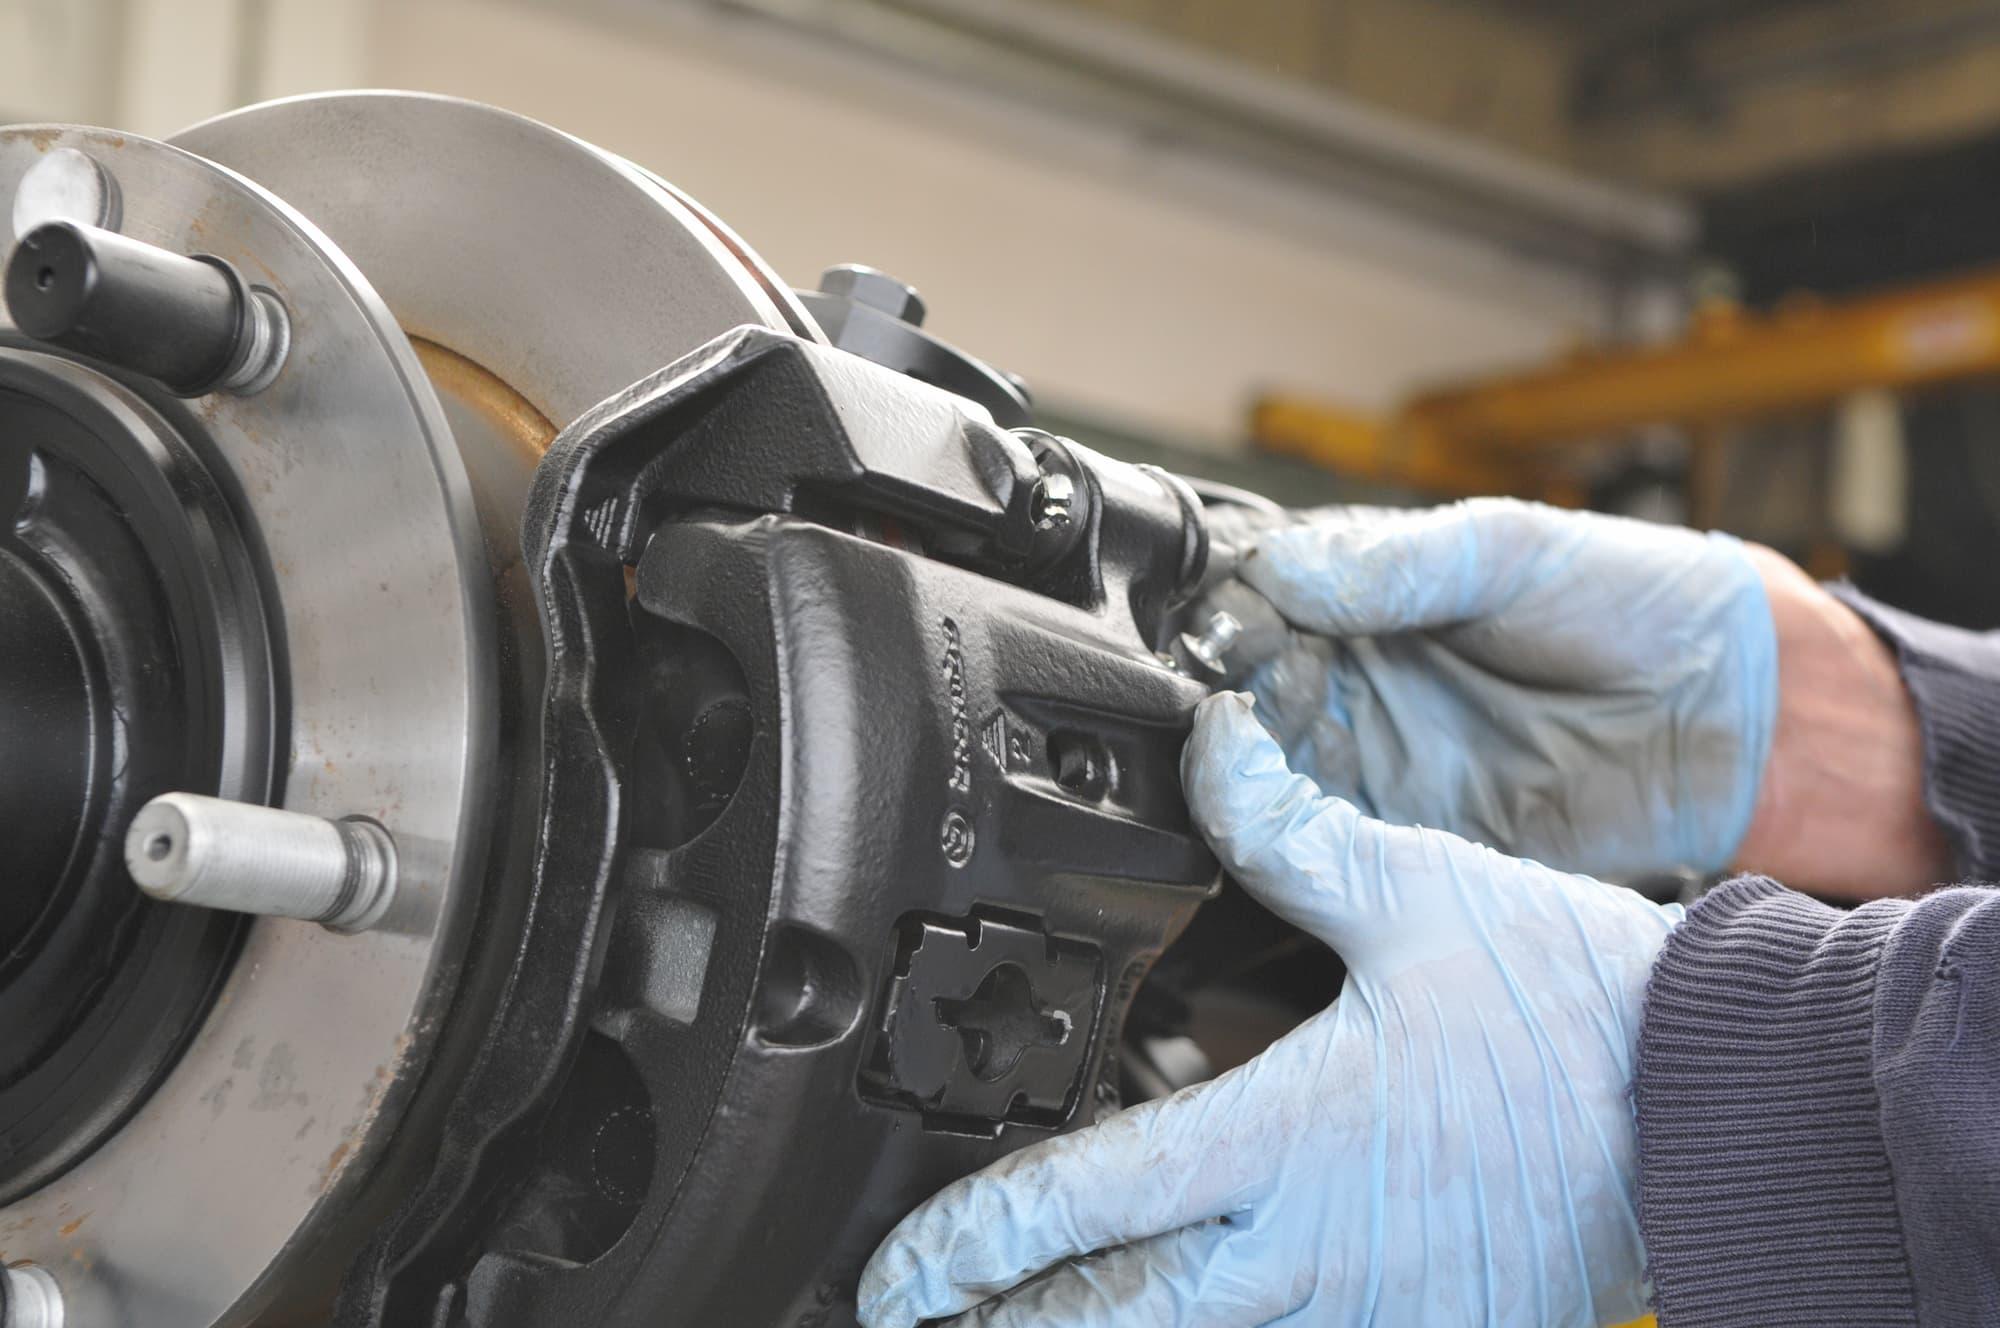 Entretien maintenance véhicule industriel et militaire Auvergne - JOGAM SET